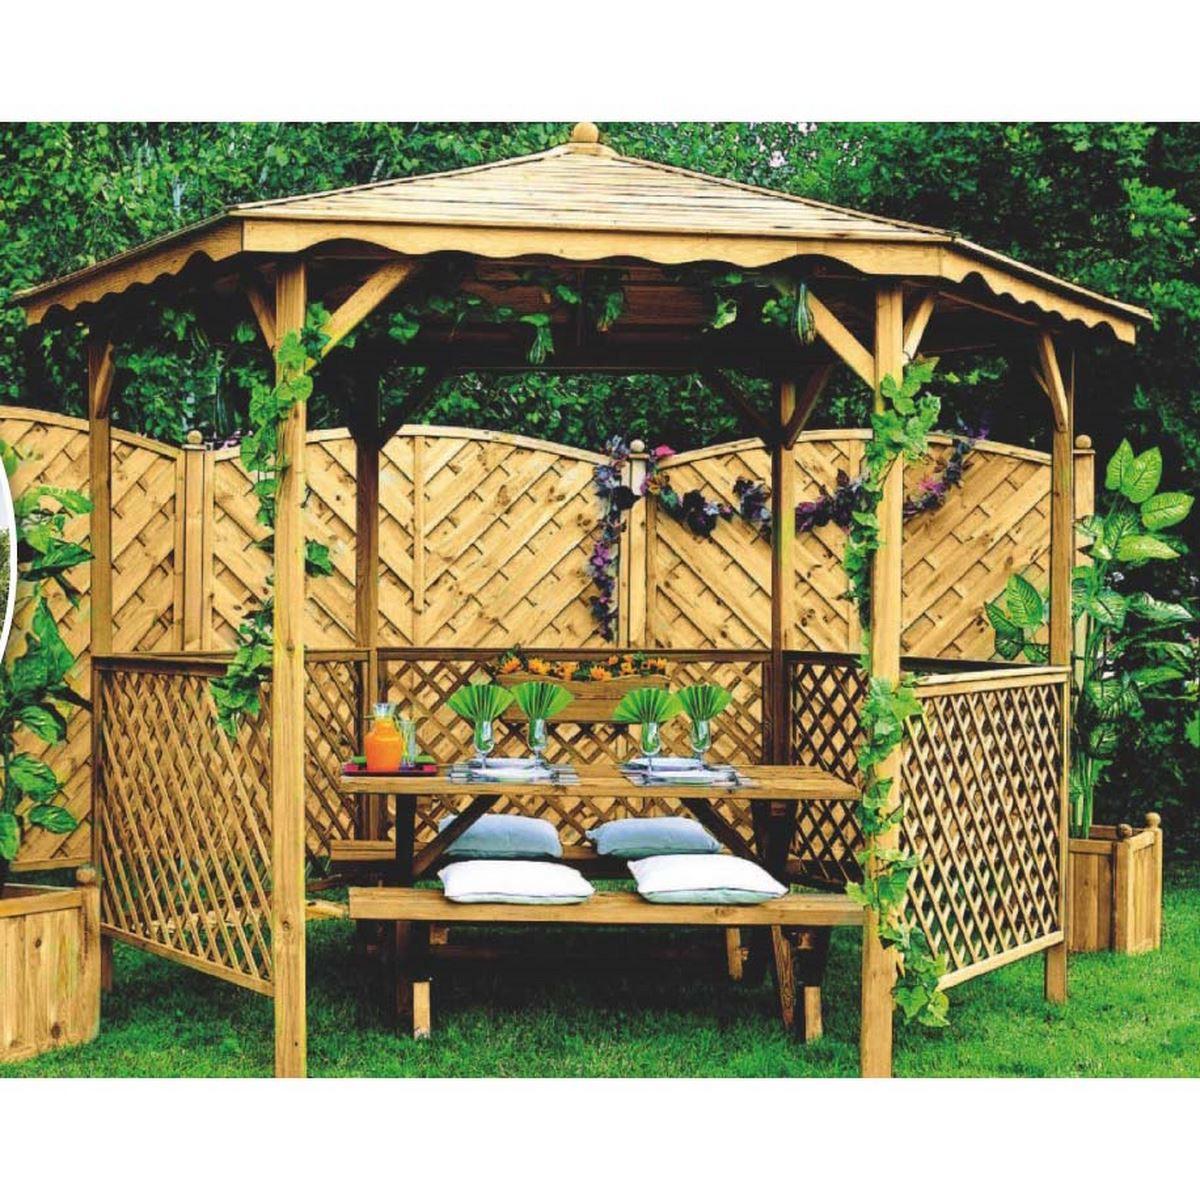 Abris De Jardin: Pergola De Jardin concernant Pergola Castorama Jardin